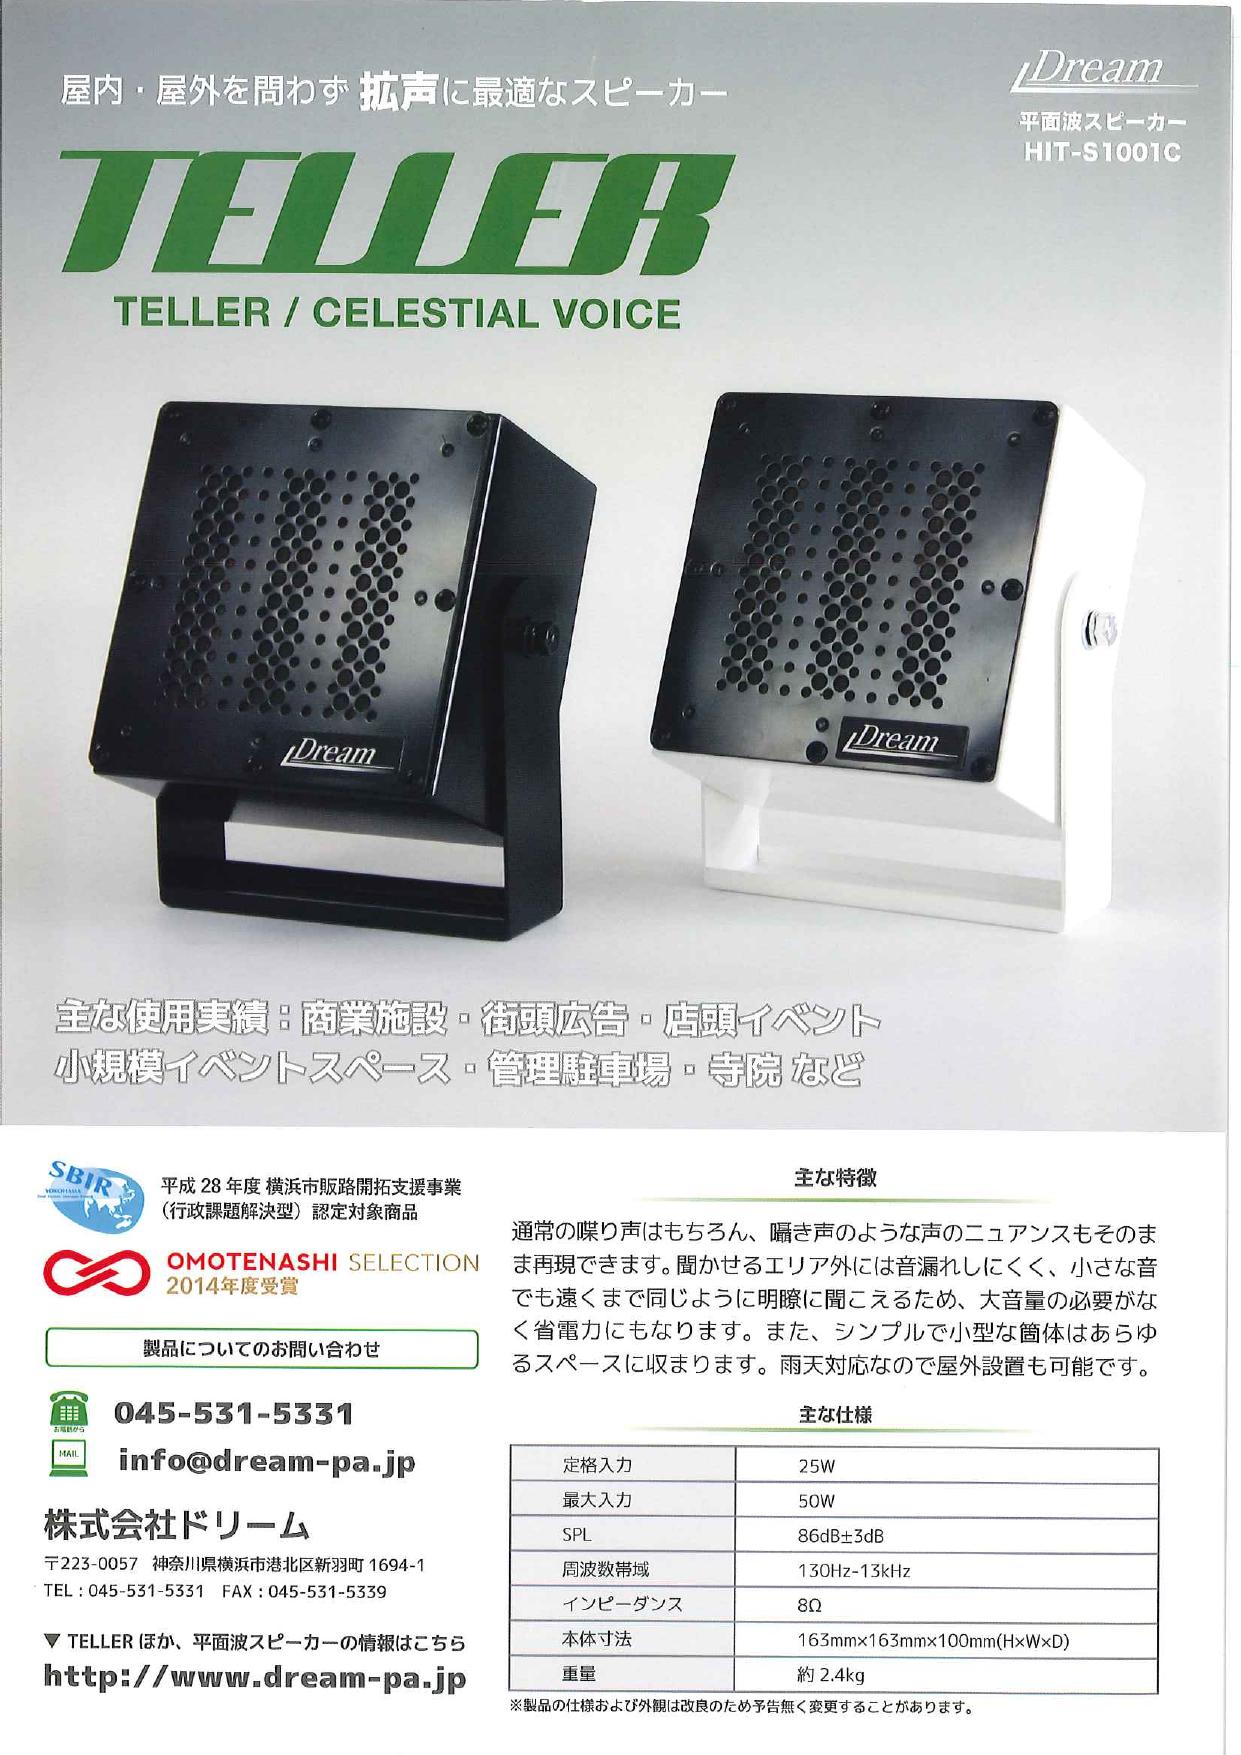 平面波スピーカー TELLER / CELESTIAL VOICE